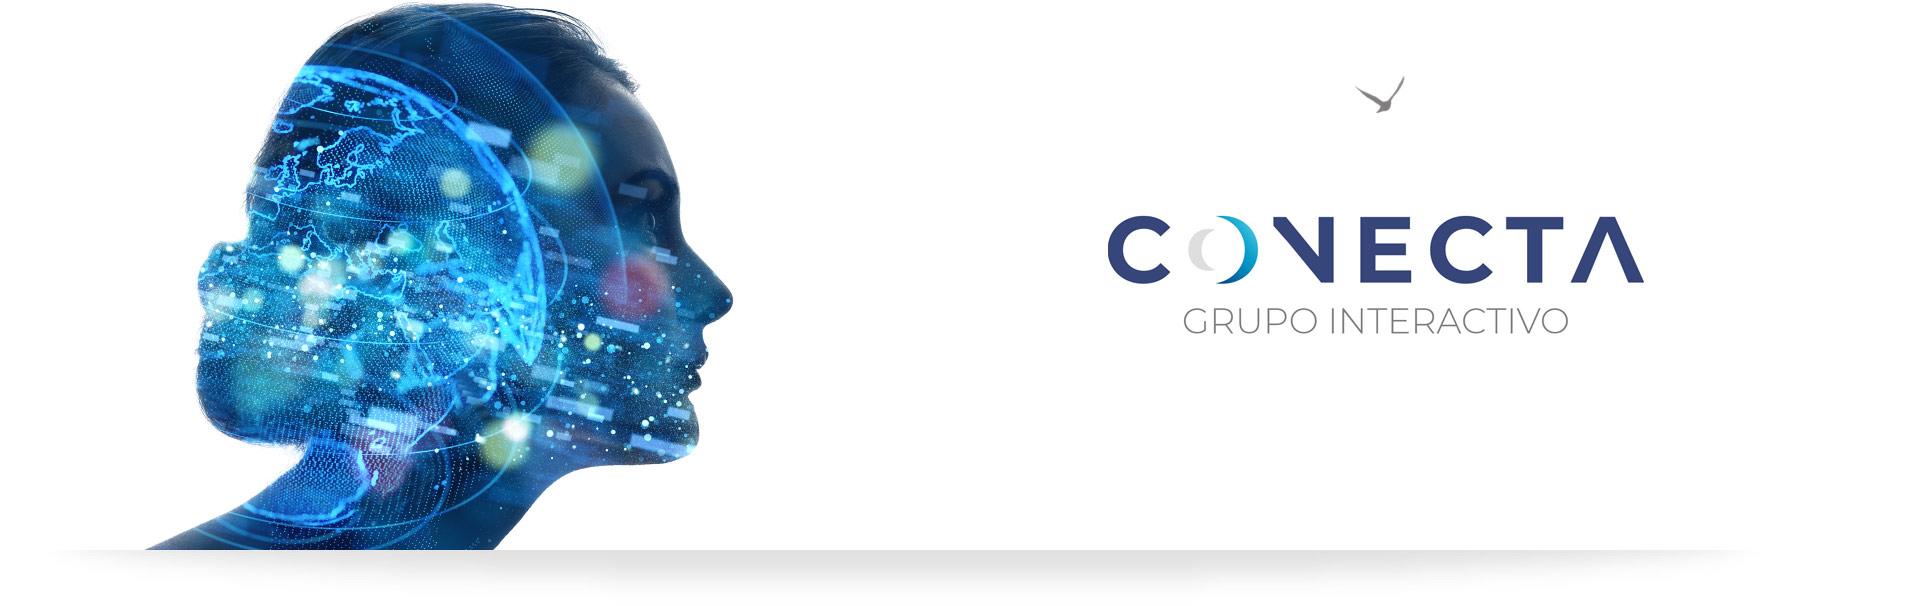 Conecta - Grupo Interactivo apoya a fundaciones